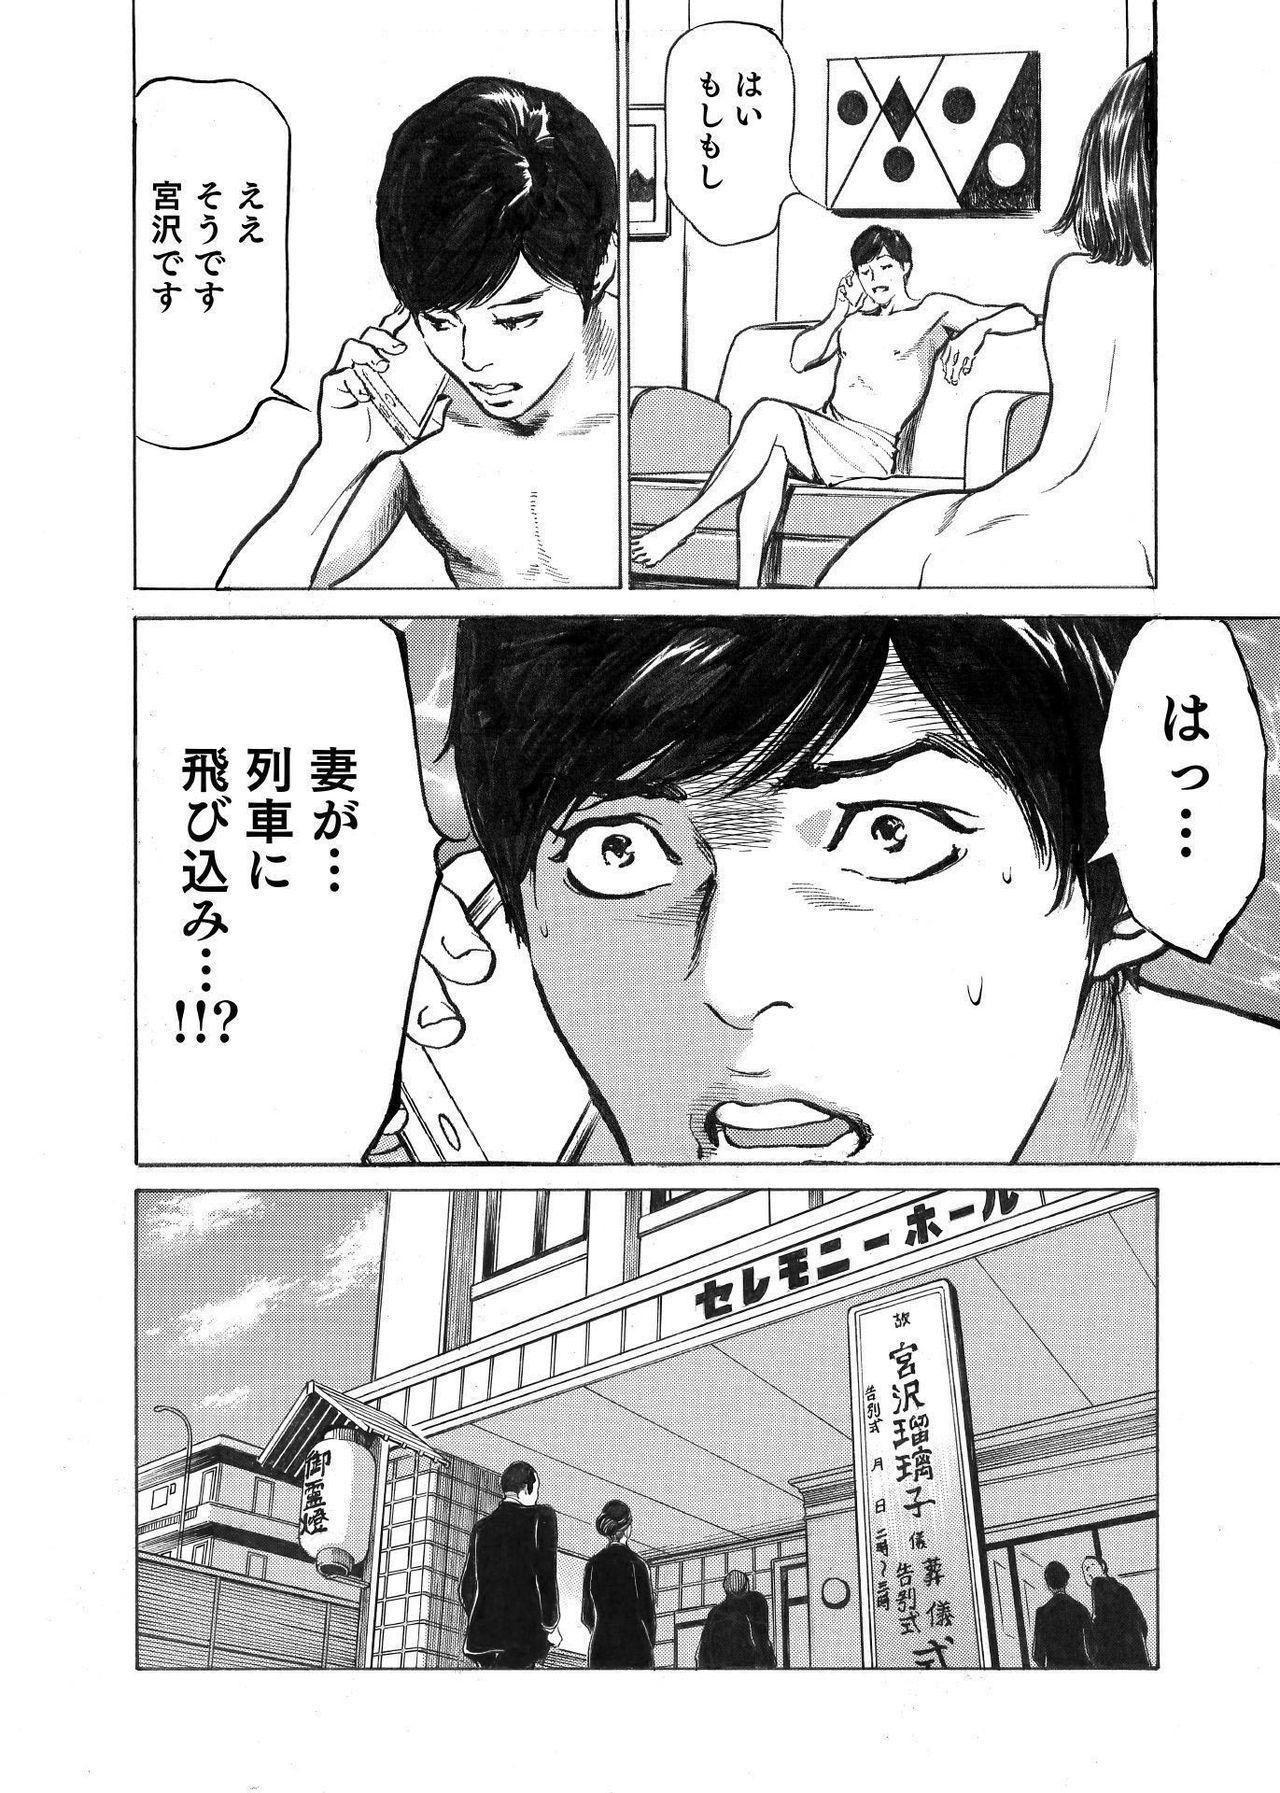 Ore wa Tsuma no Koto o Yoku Shiranai 1-9 7